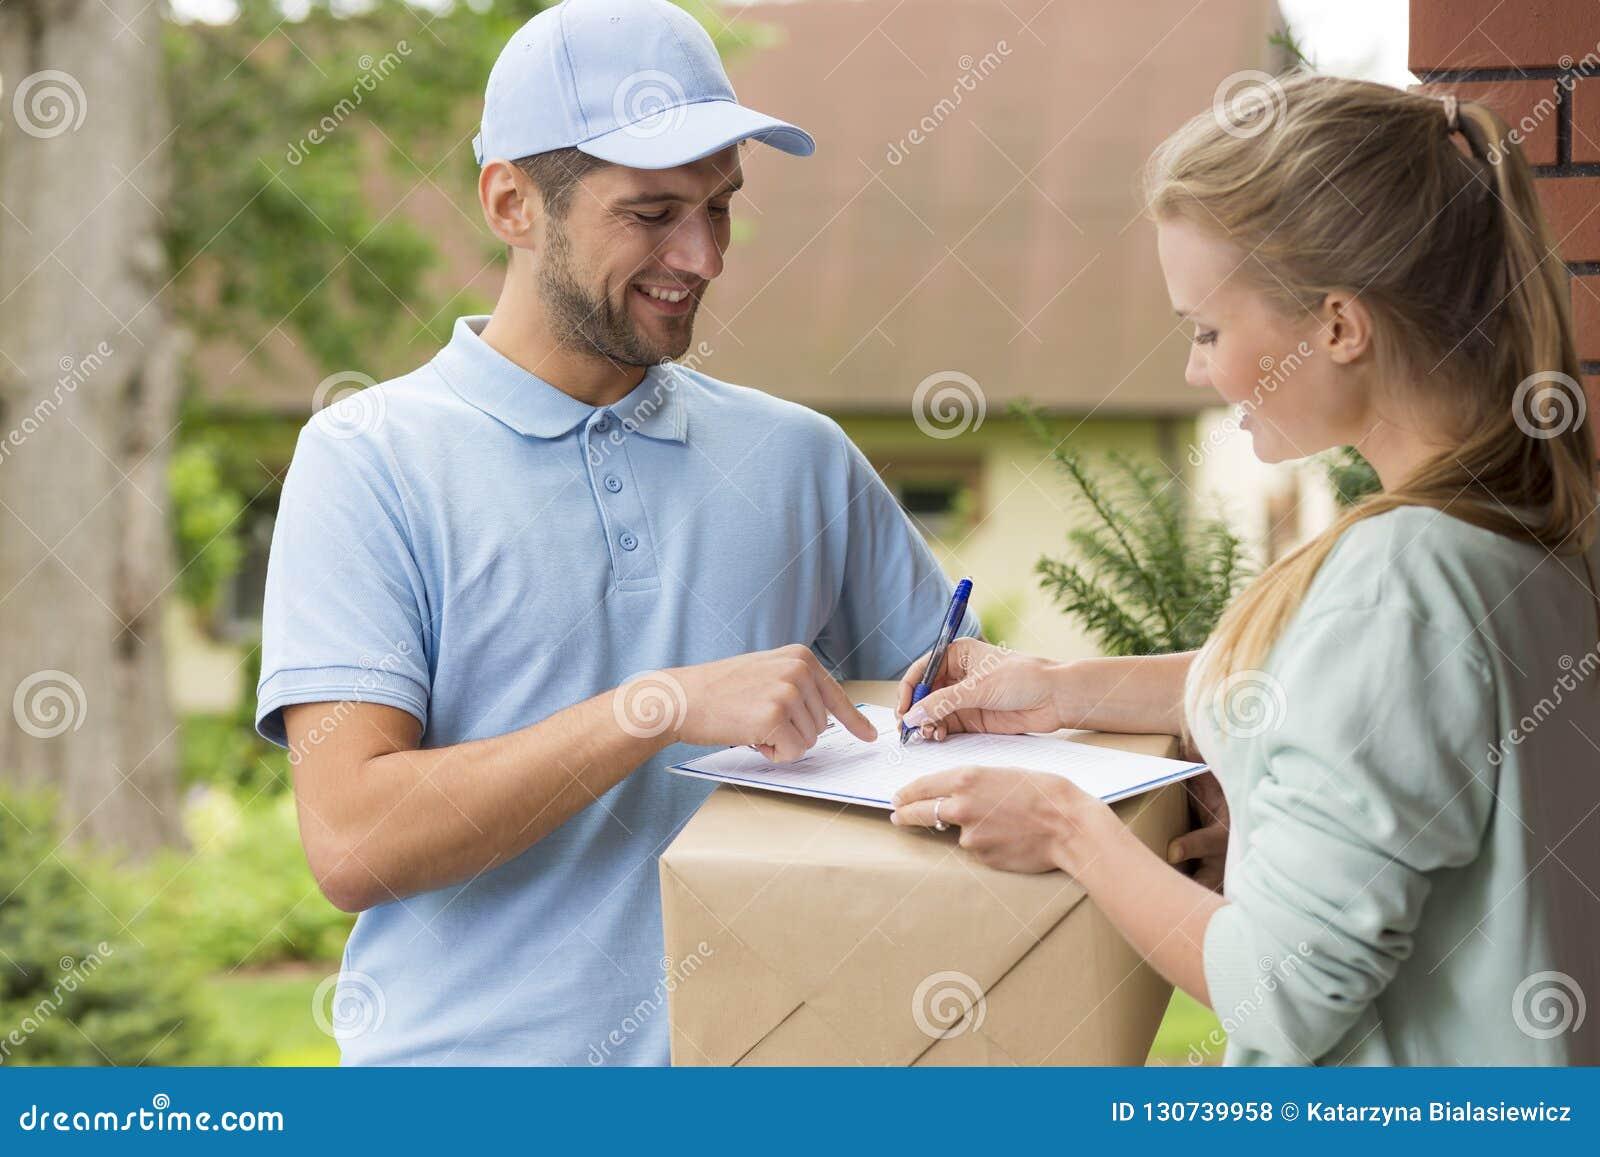 在包裹交付的蓝色制服和妇女签署的收据的传讯者